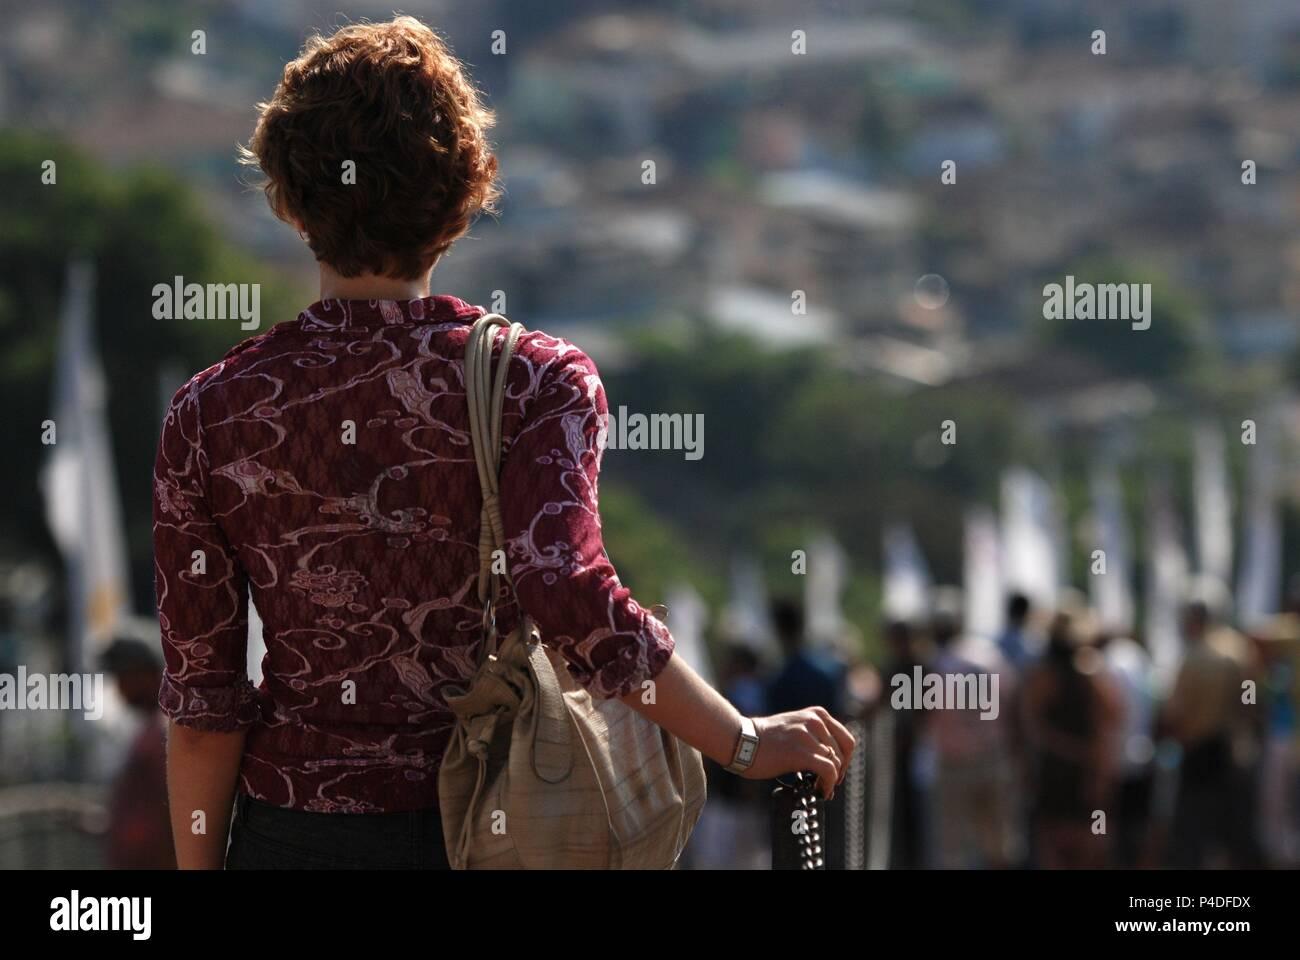 El título de la película original: O LOBO ATRAS DA PORTA. Título en inglés: O LOBO ATRAS DA PORTA. El director de cine: Fernando Coimbra. Año: 2013. Crédito: GULLANE FILMES / Álbum Foto de stock